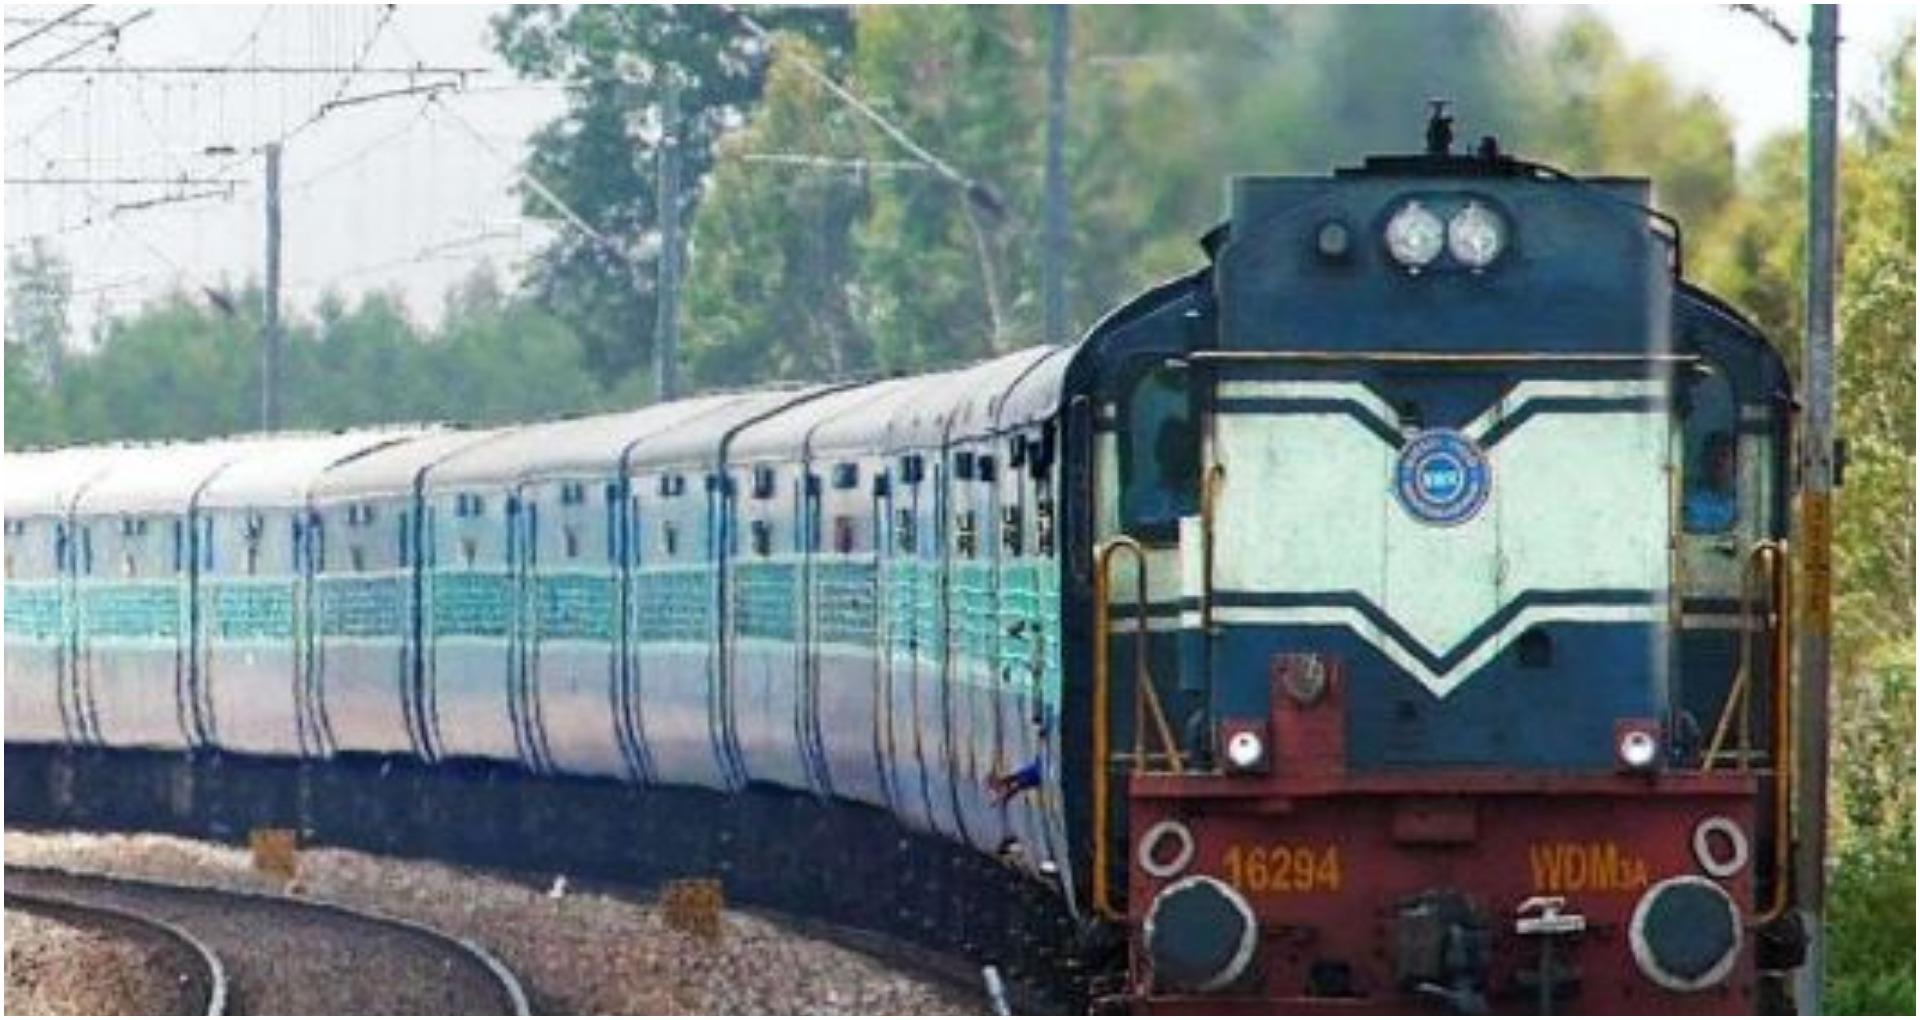 RRB NTPC Exam 2019 Date : रेलवे एनटीपीसी परीक्षा की तारीख बार-बार टाली जा रही, जानिए क्या है कारण?